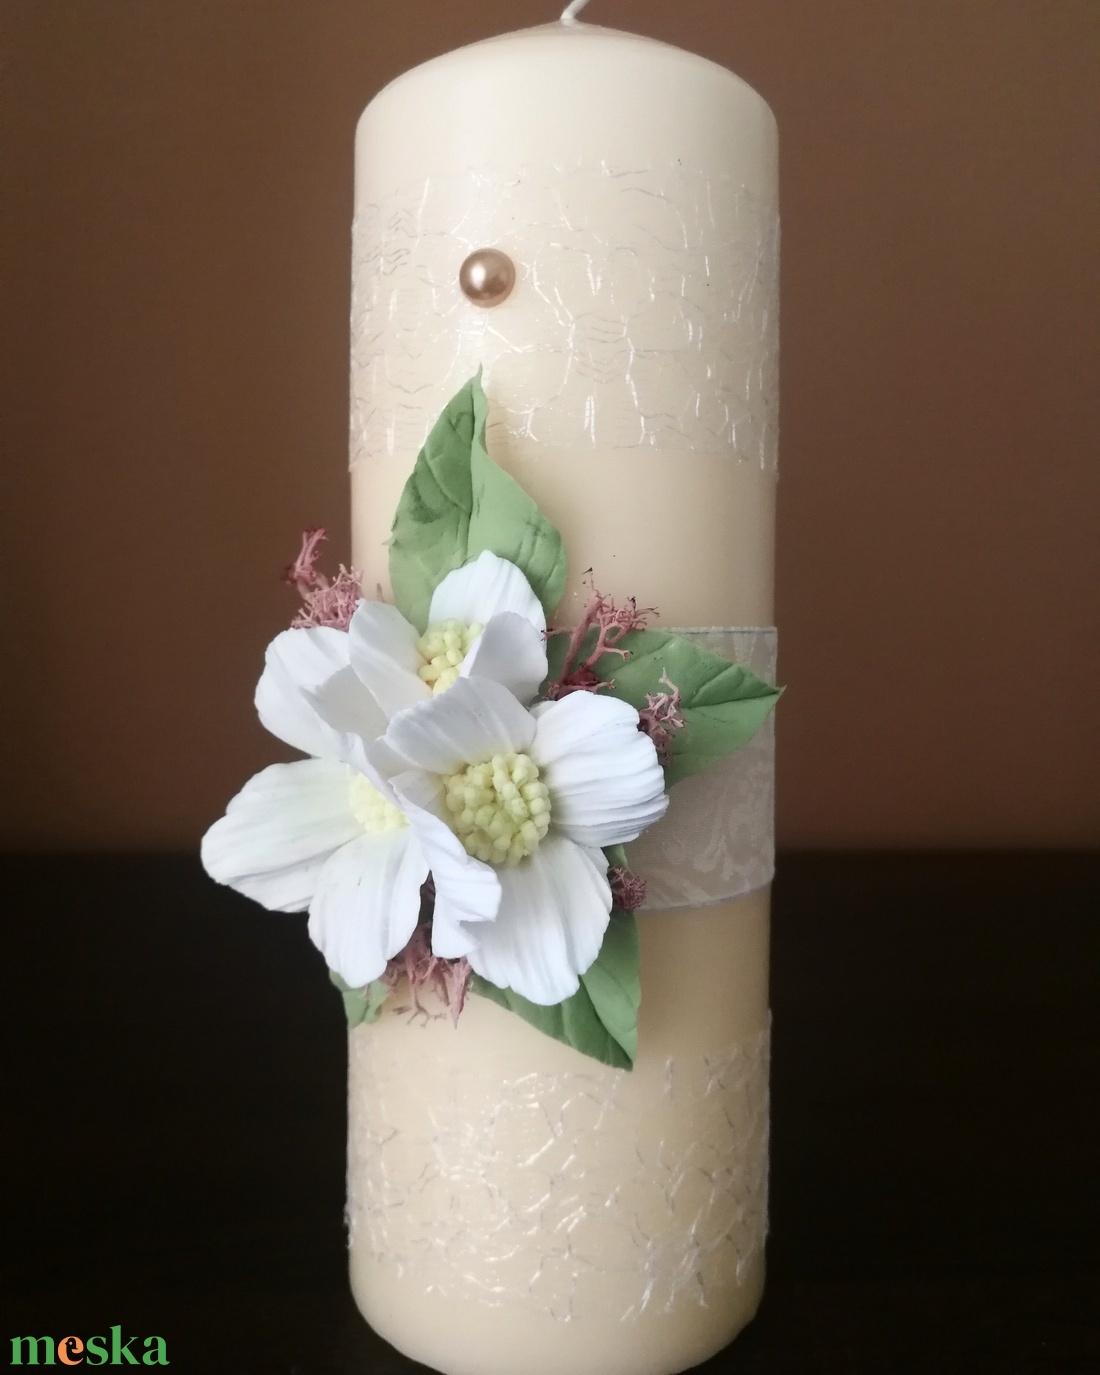 Krém színű kézműves dekor- gyertya , esküvői Ceremóniához ! - esküvő - dekoráció - gyertya & gyertyatartó - Meska.hu